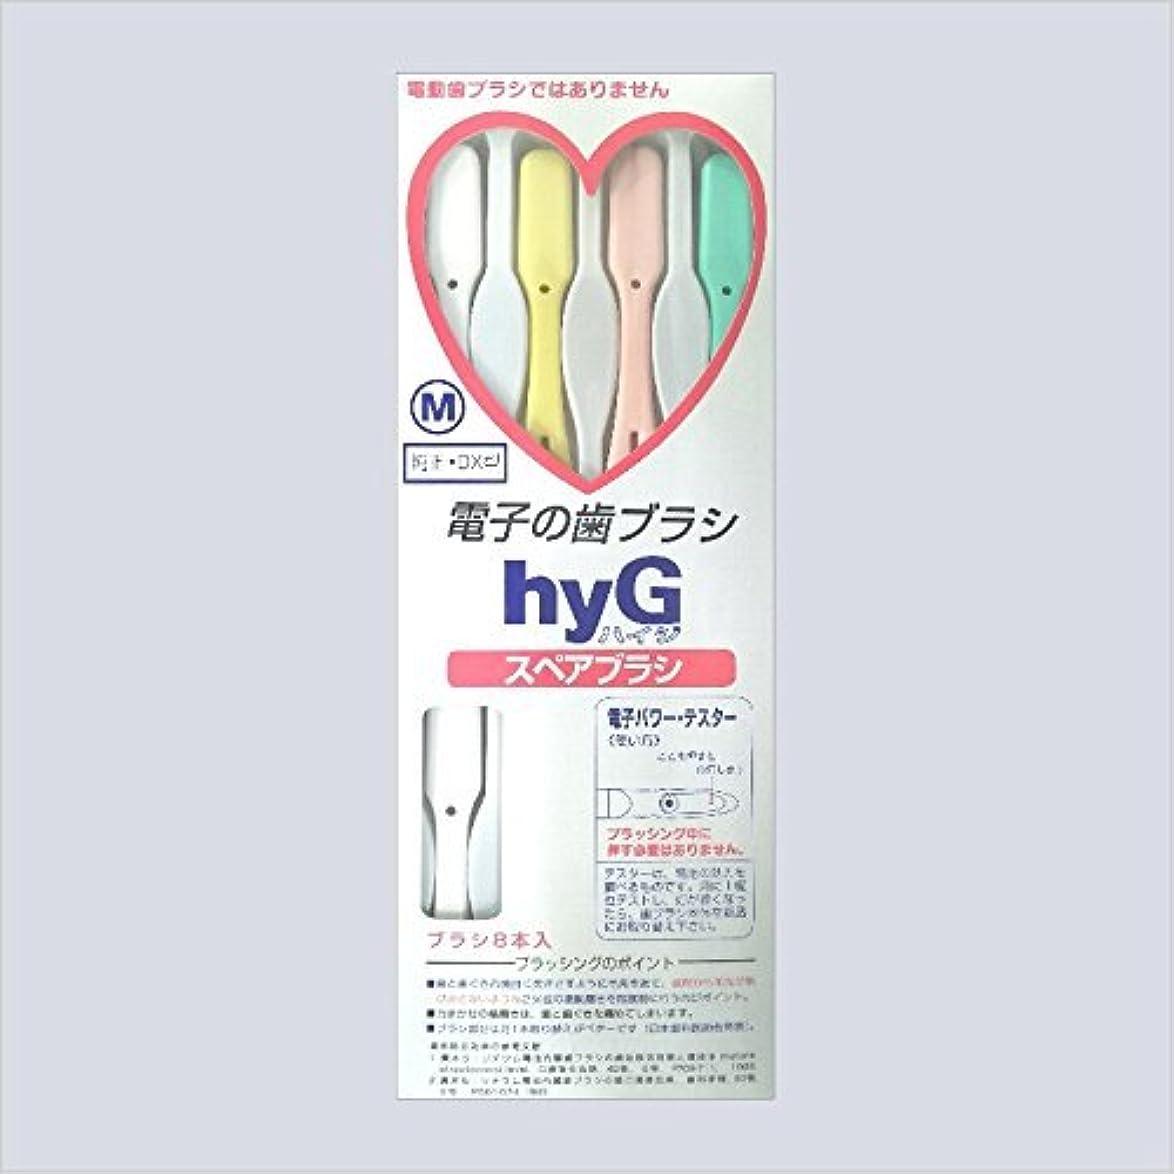 崖ローブボイコット電子の歯ブラシ ハイジ(hyG)?スペアブラシ <ブラシの硬さ:Mふつう> (※こちらは「スペアブラシ」です )?hyG-DX型